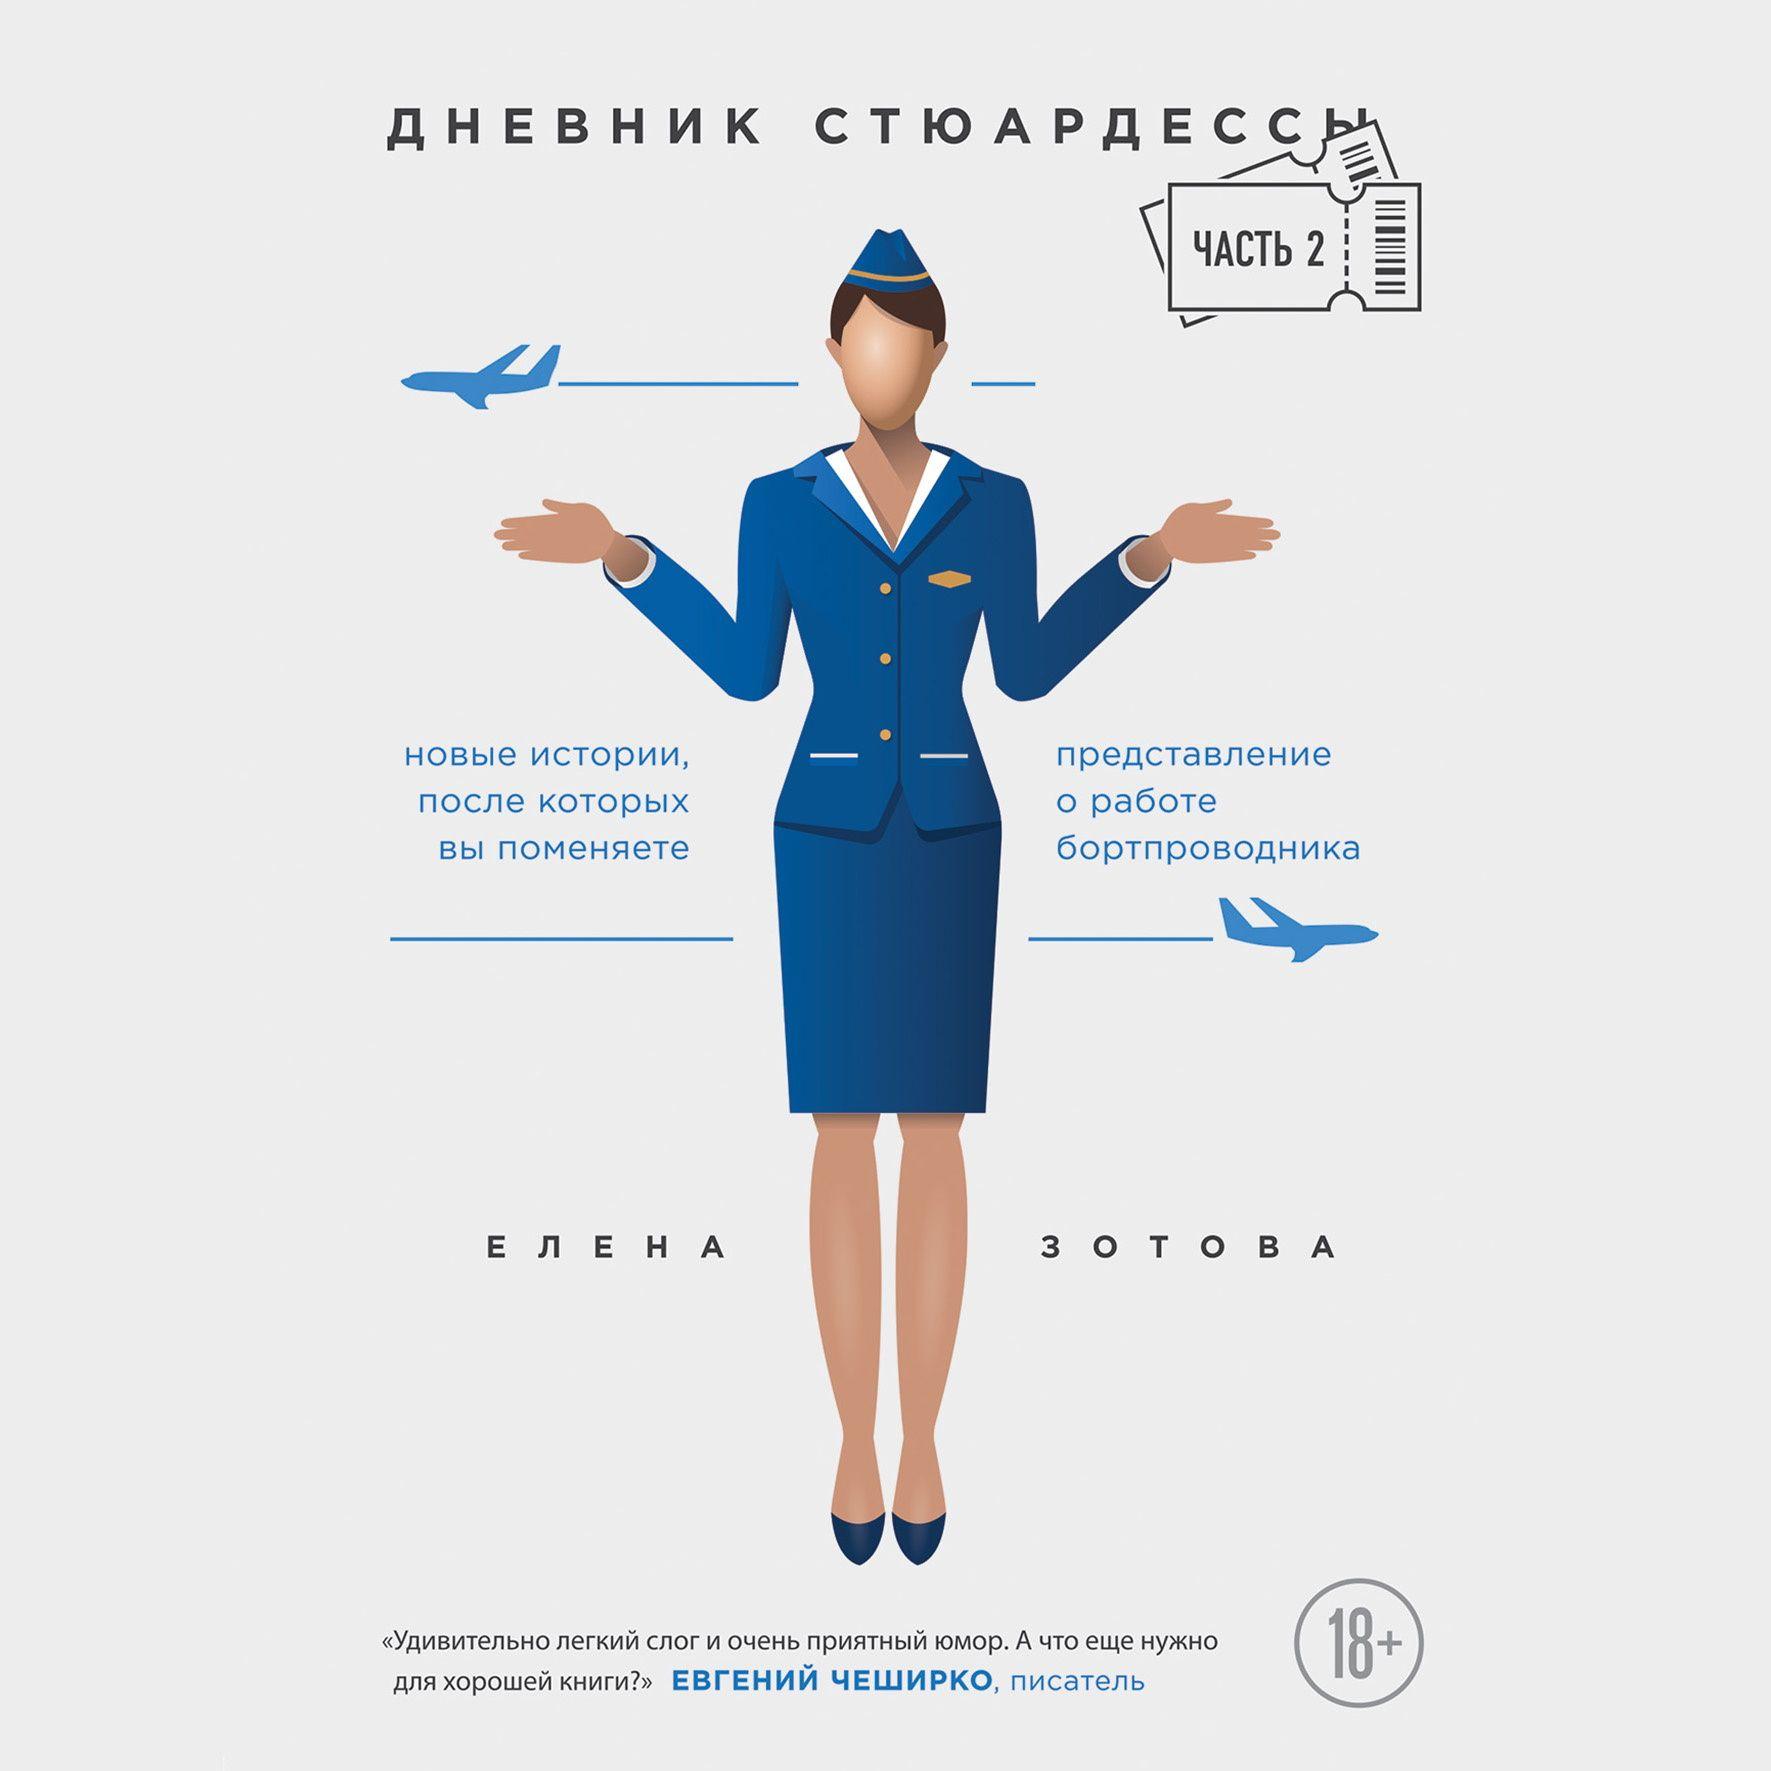 Дневник стюардессы. Часть 2